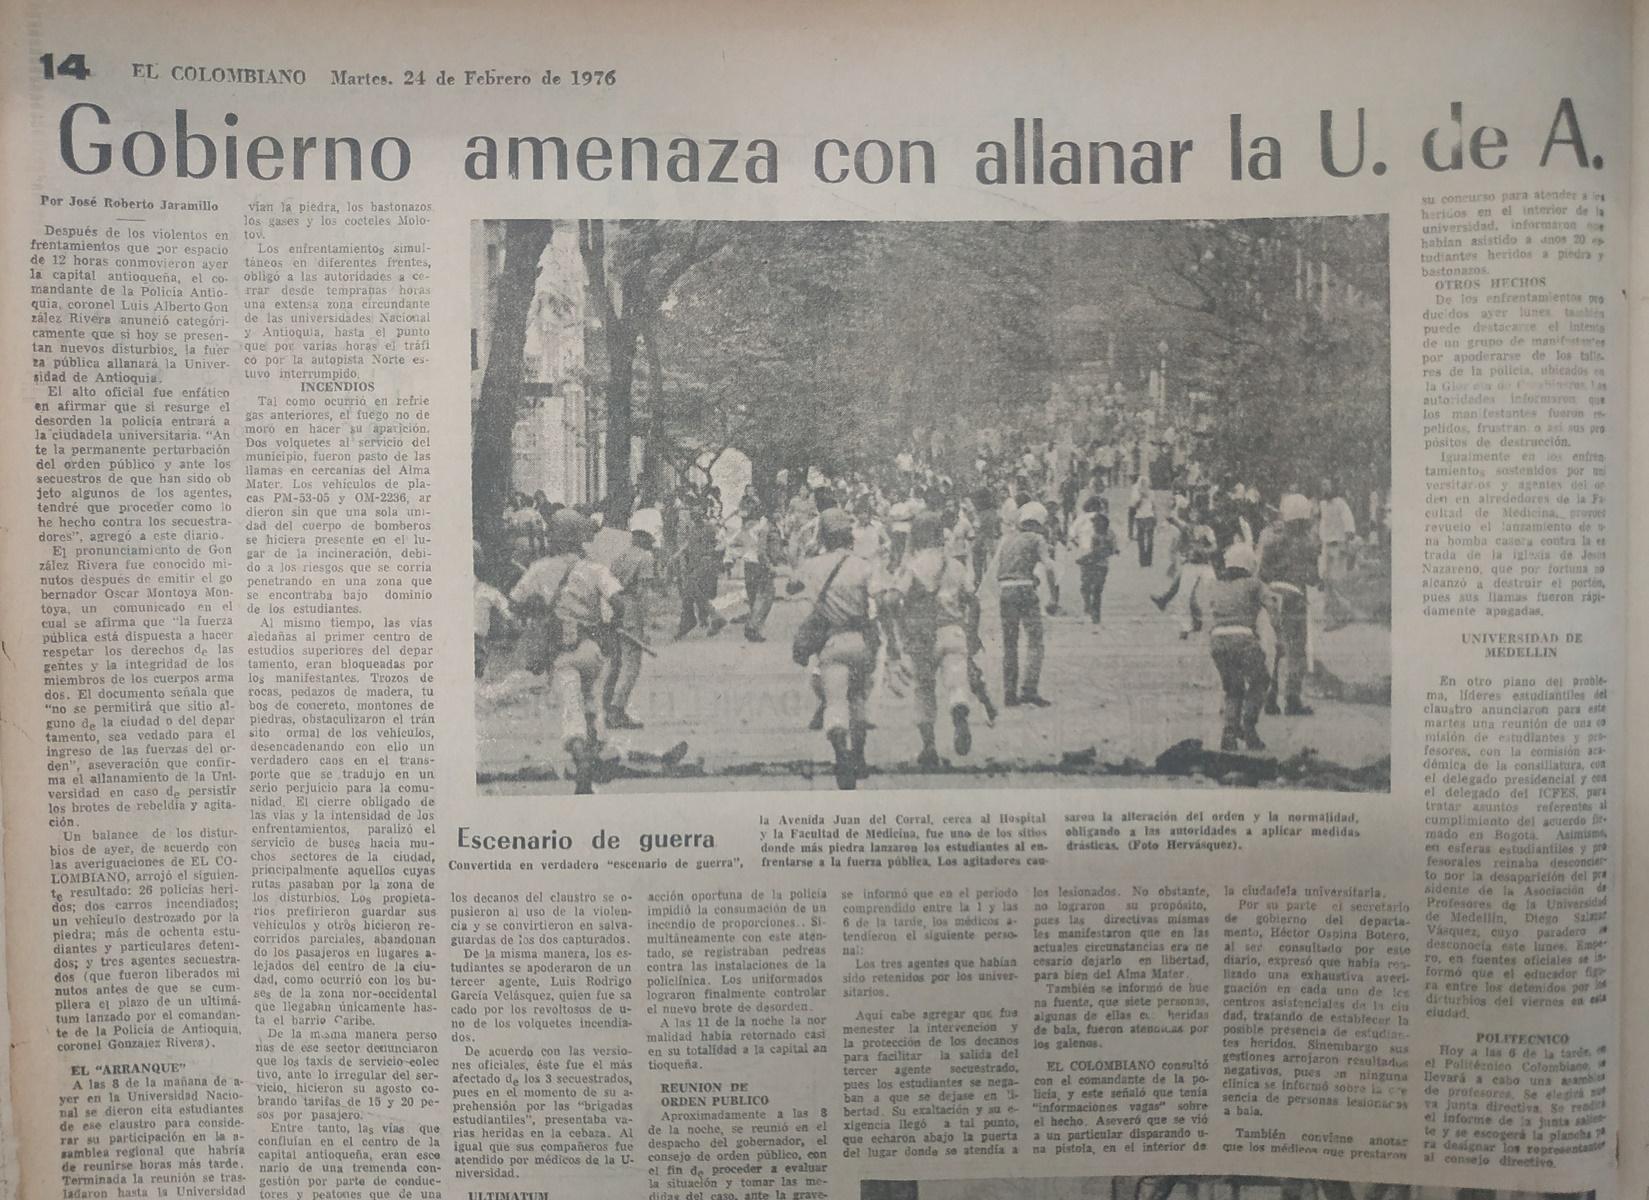 Fotografías tomadas de la edición del 24 de febrero de 1976 del periódico El Colombiano